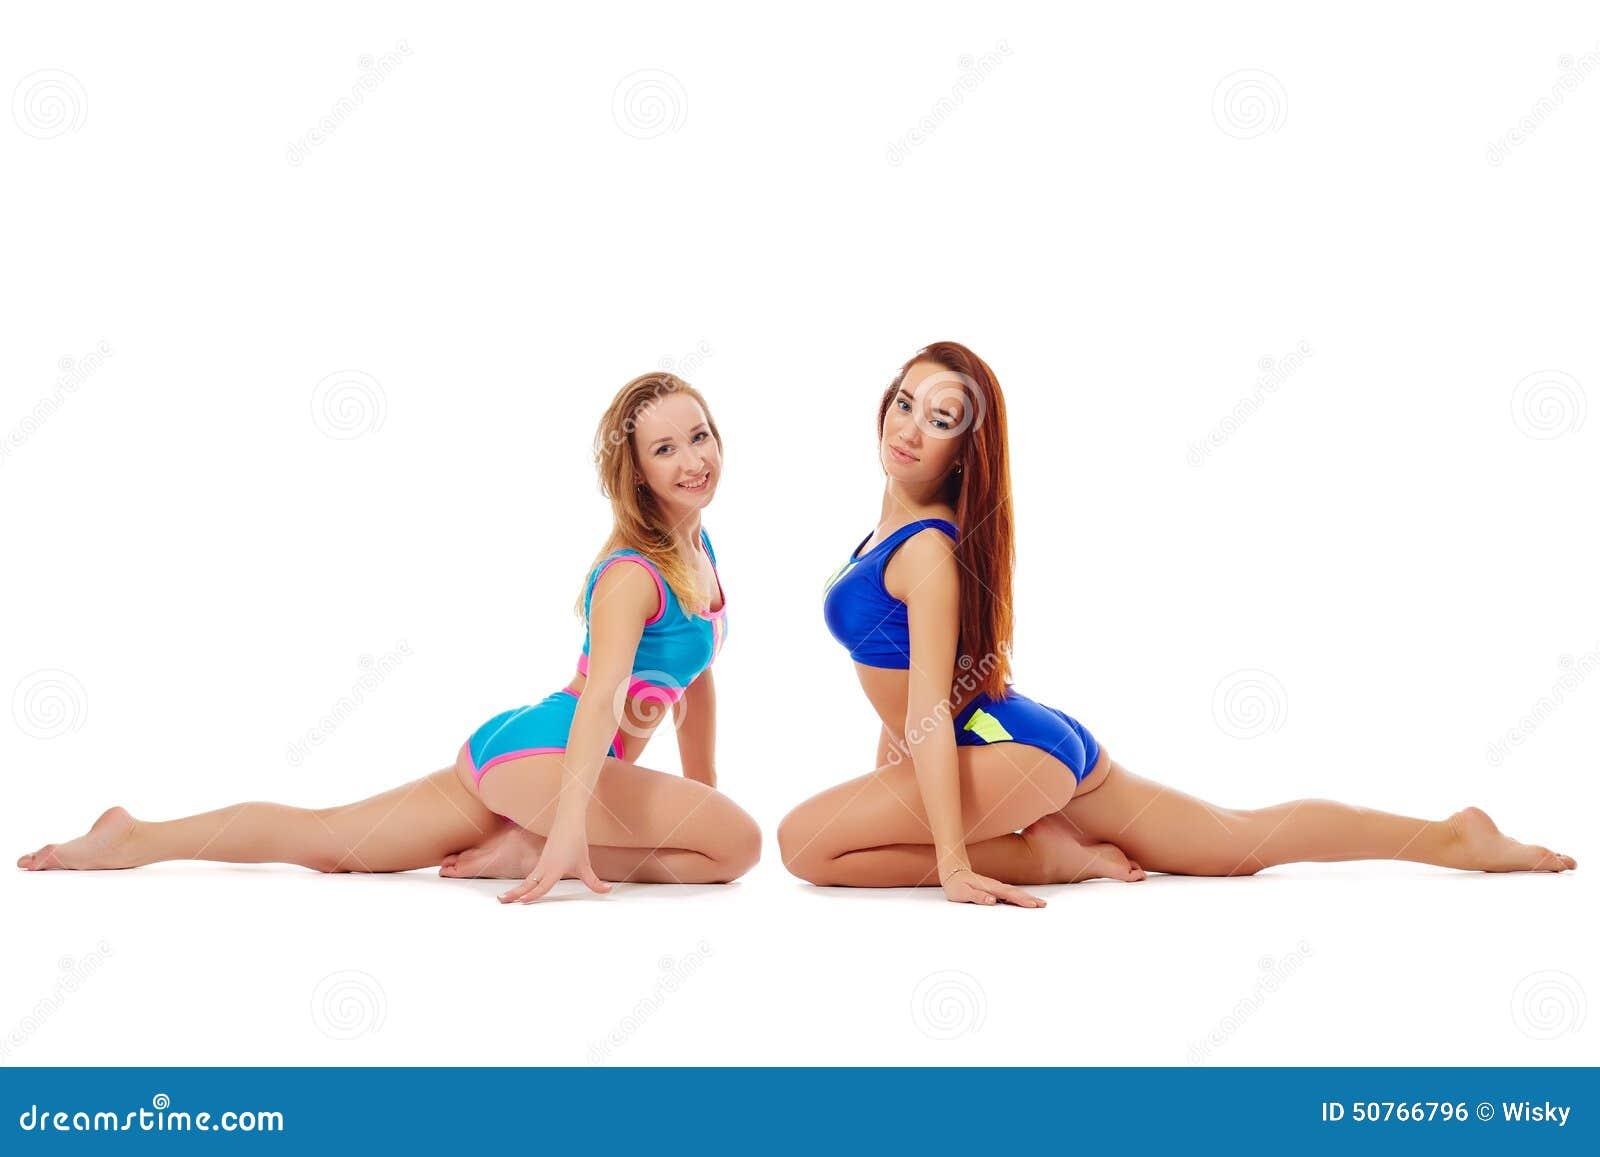 Смотреть скачать бесплатно видео гибкие девушки фото 50-376